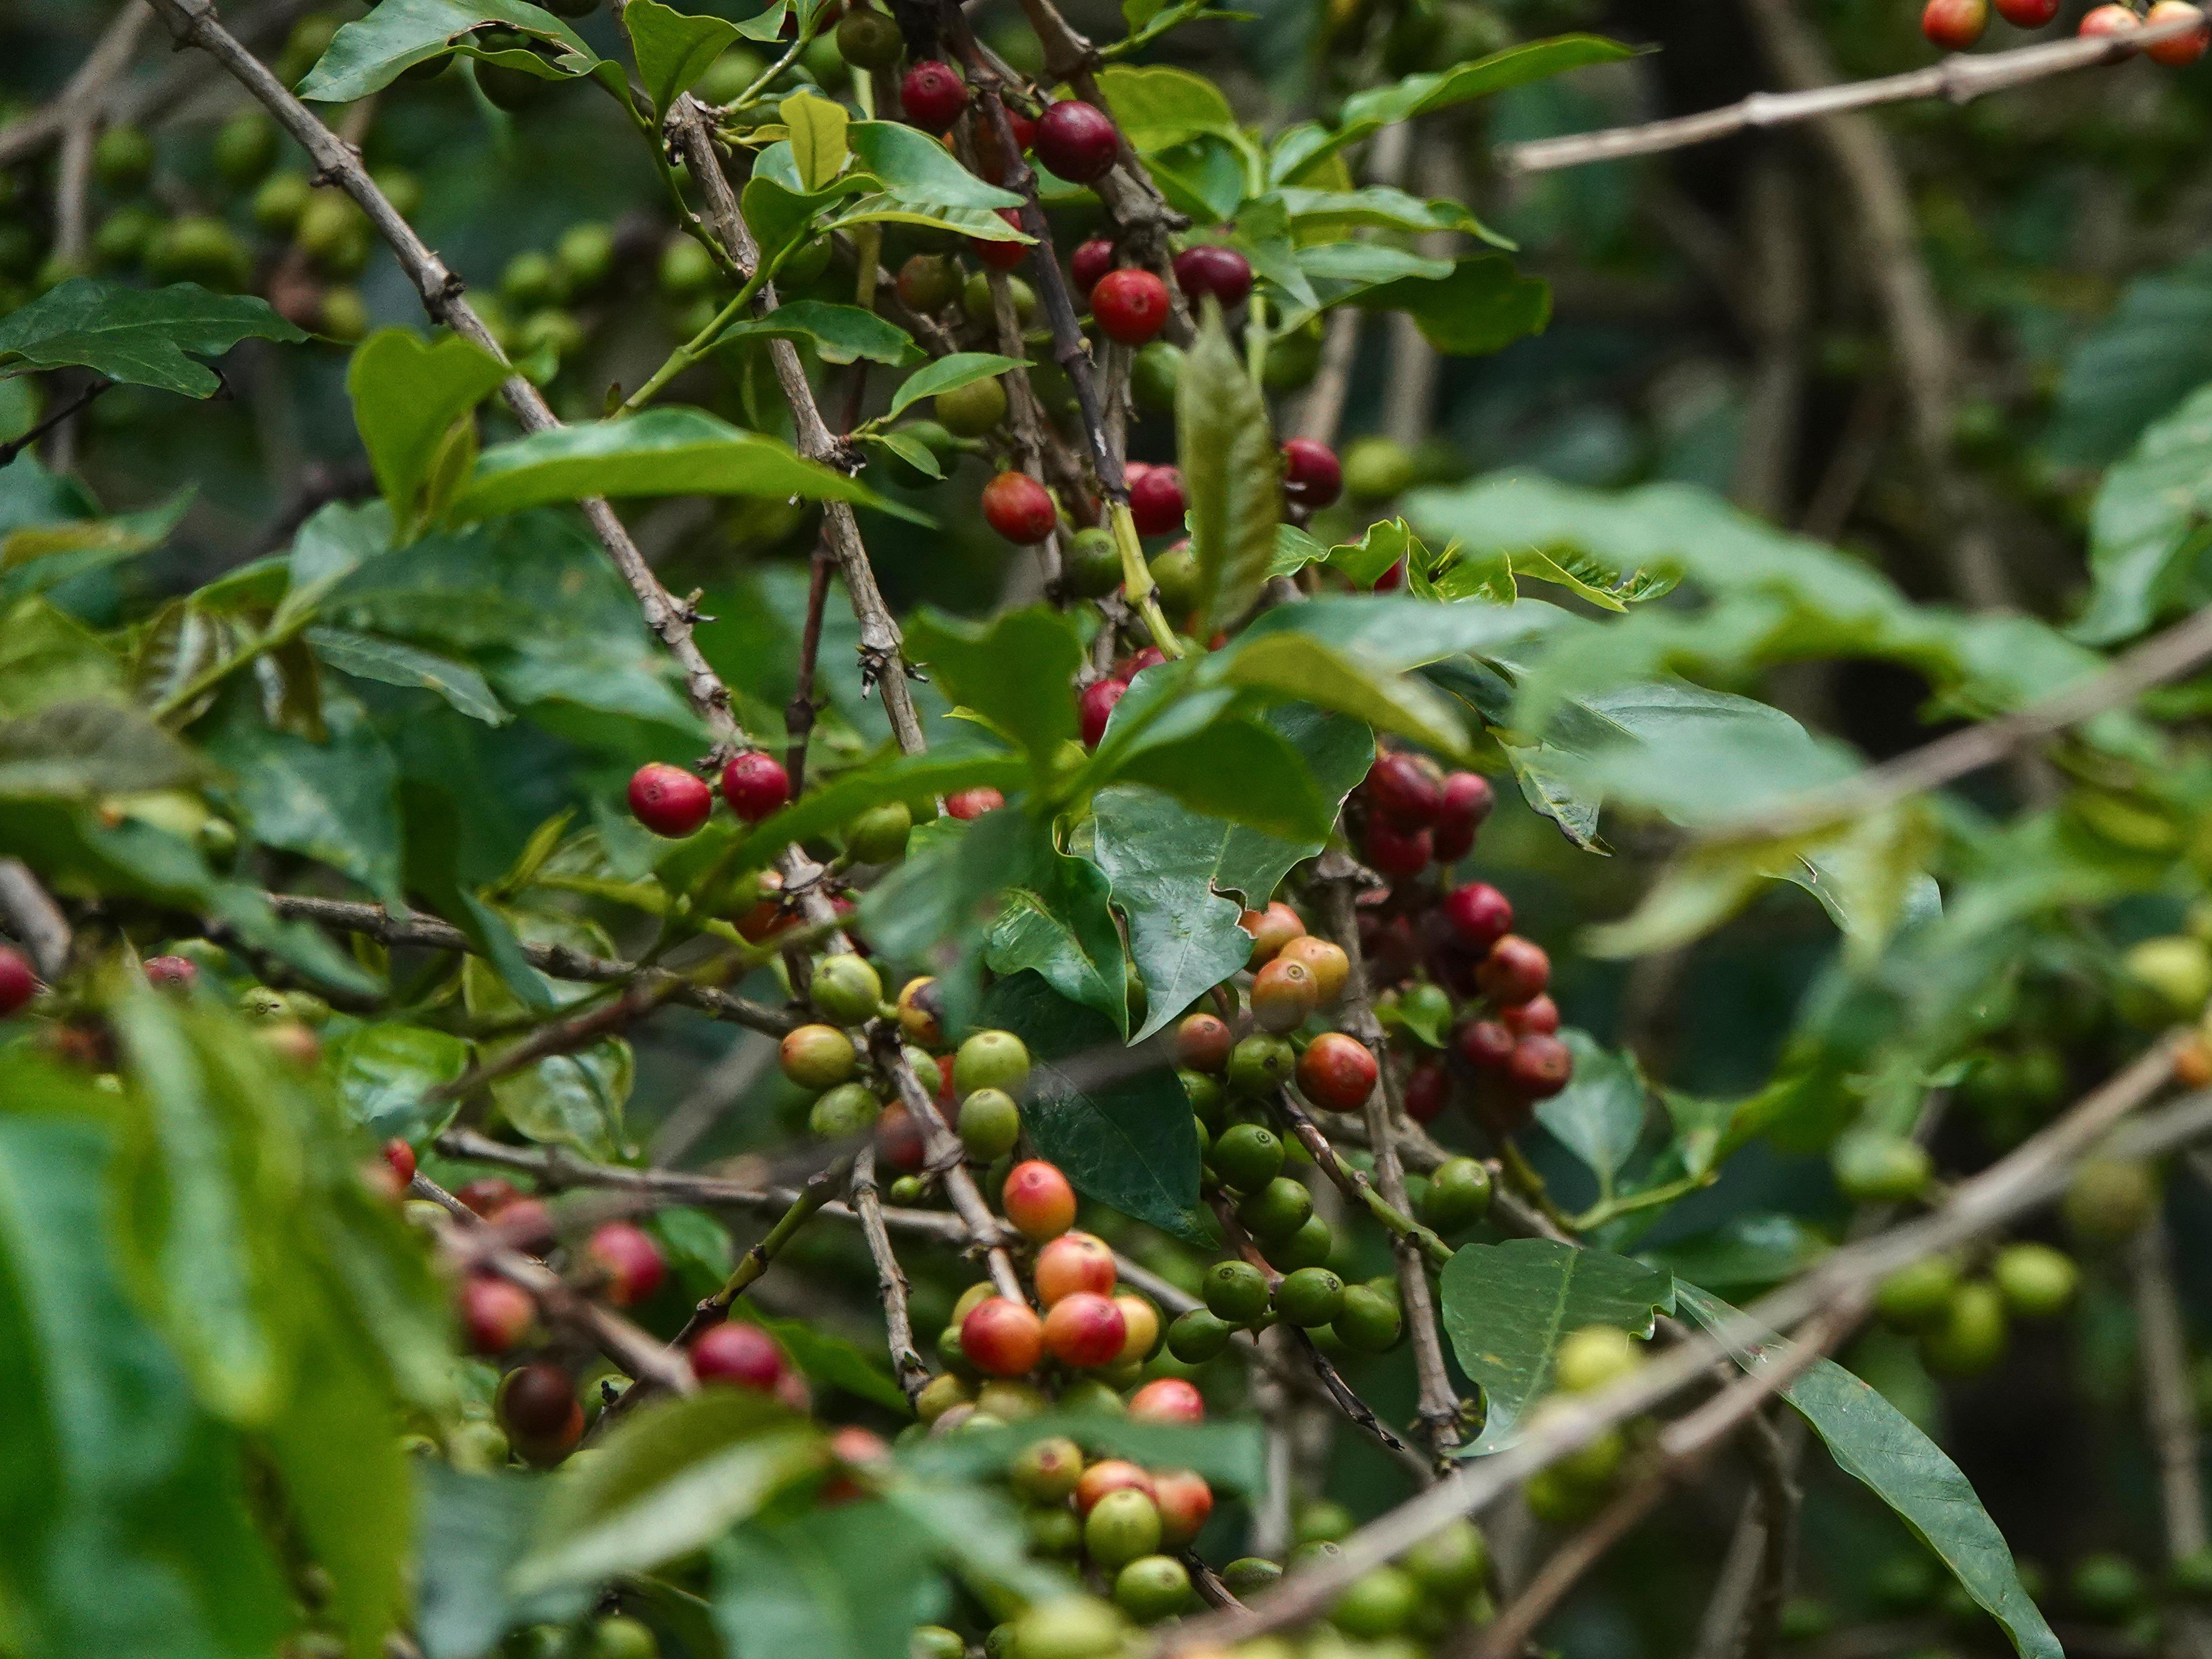 Des petits fruits rouges et verts.